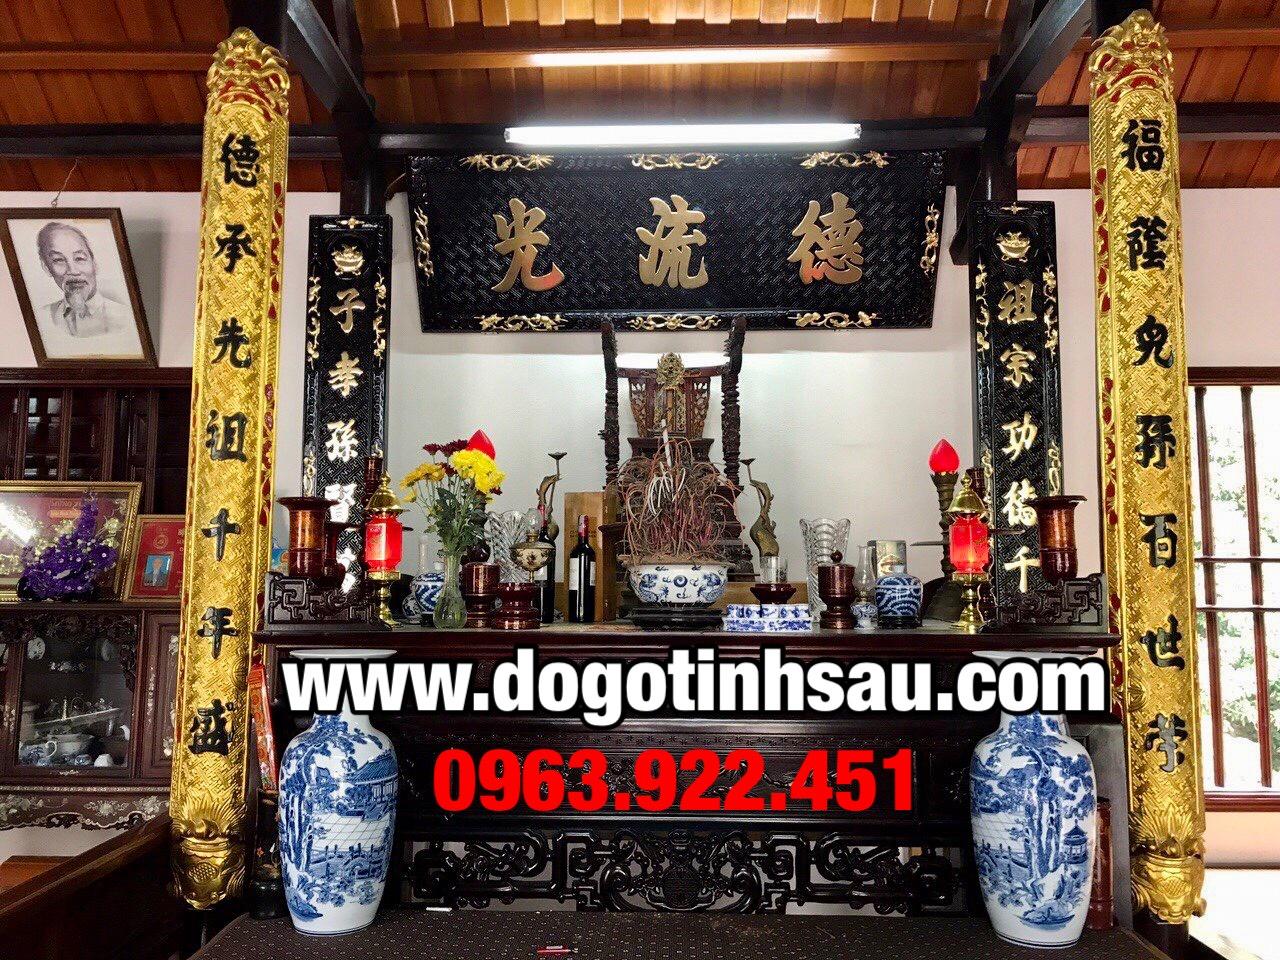 gia hoanh phi cau doi go gu - Bộ hoành phi câu đối gỗ gụ sơn then thiếp vàng Đài Loan